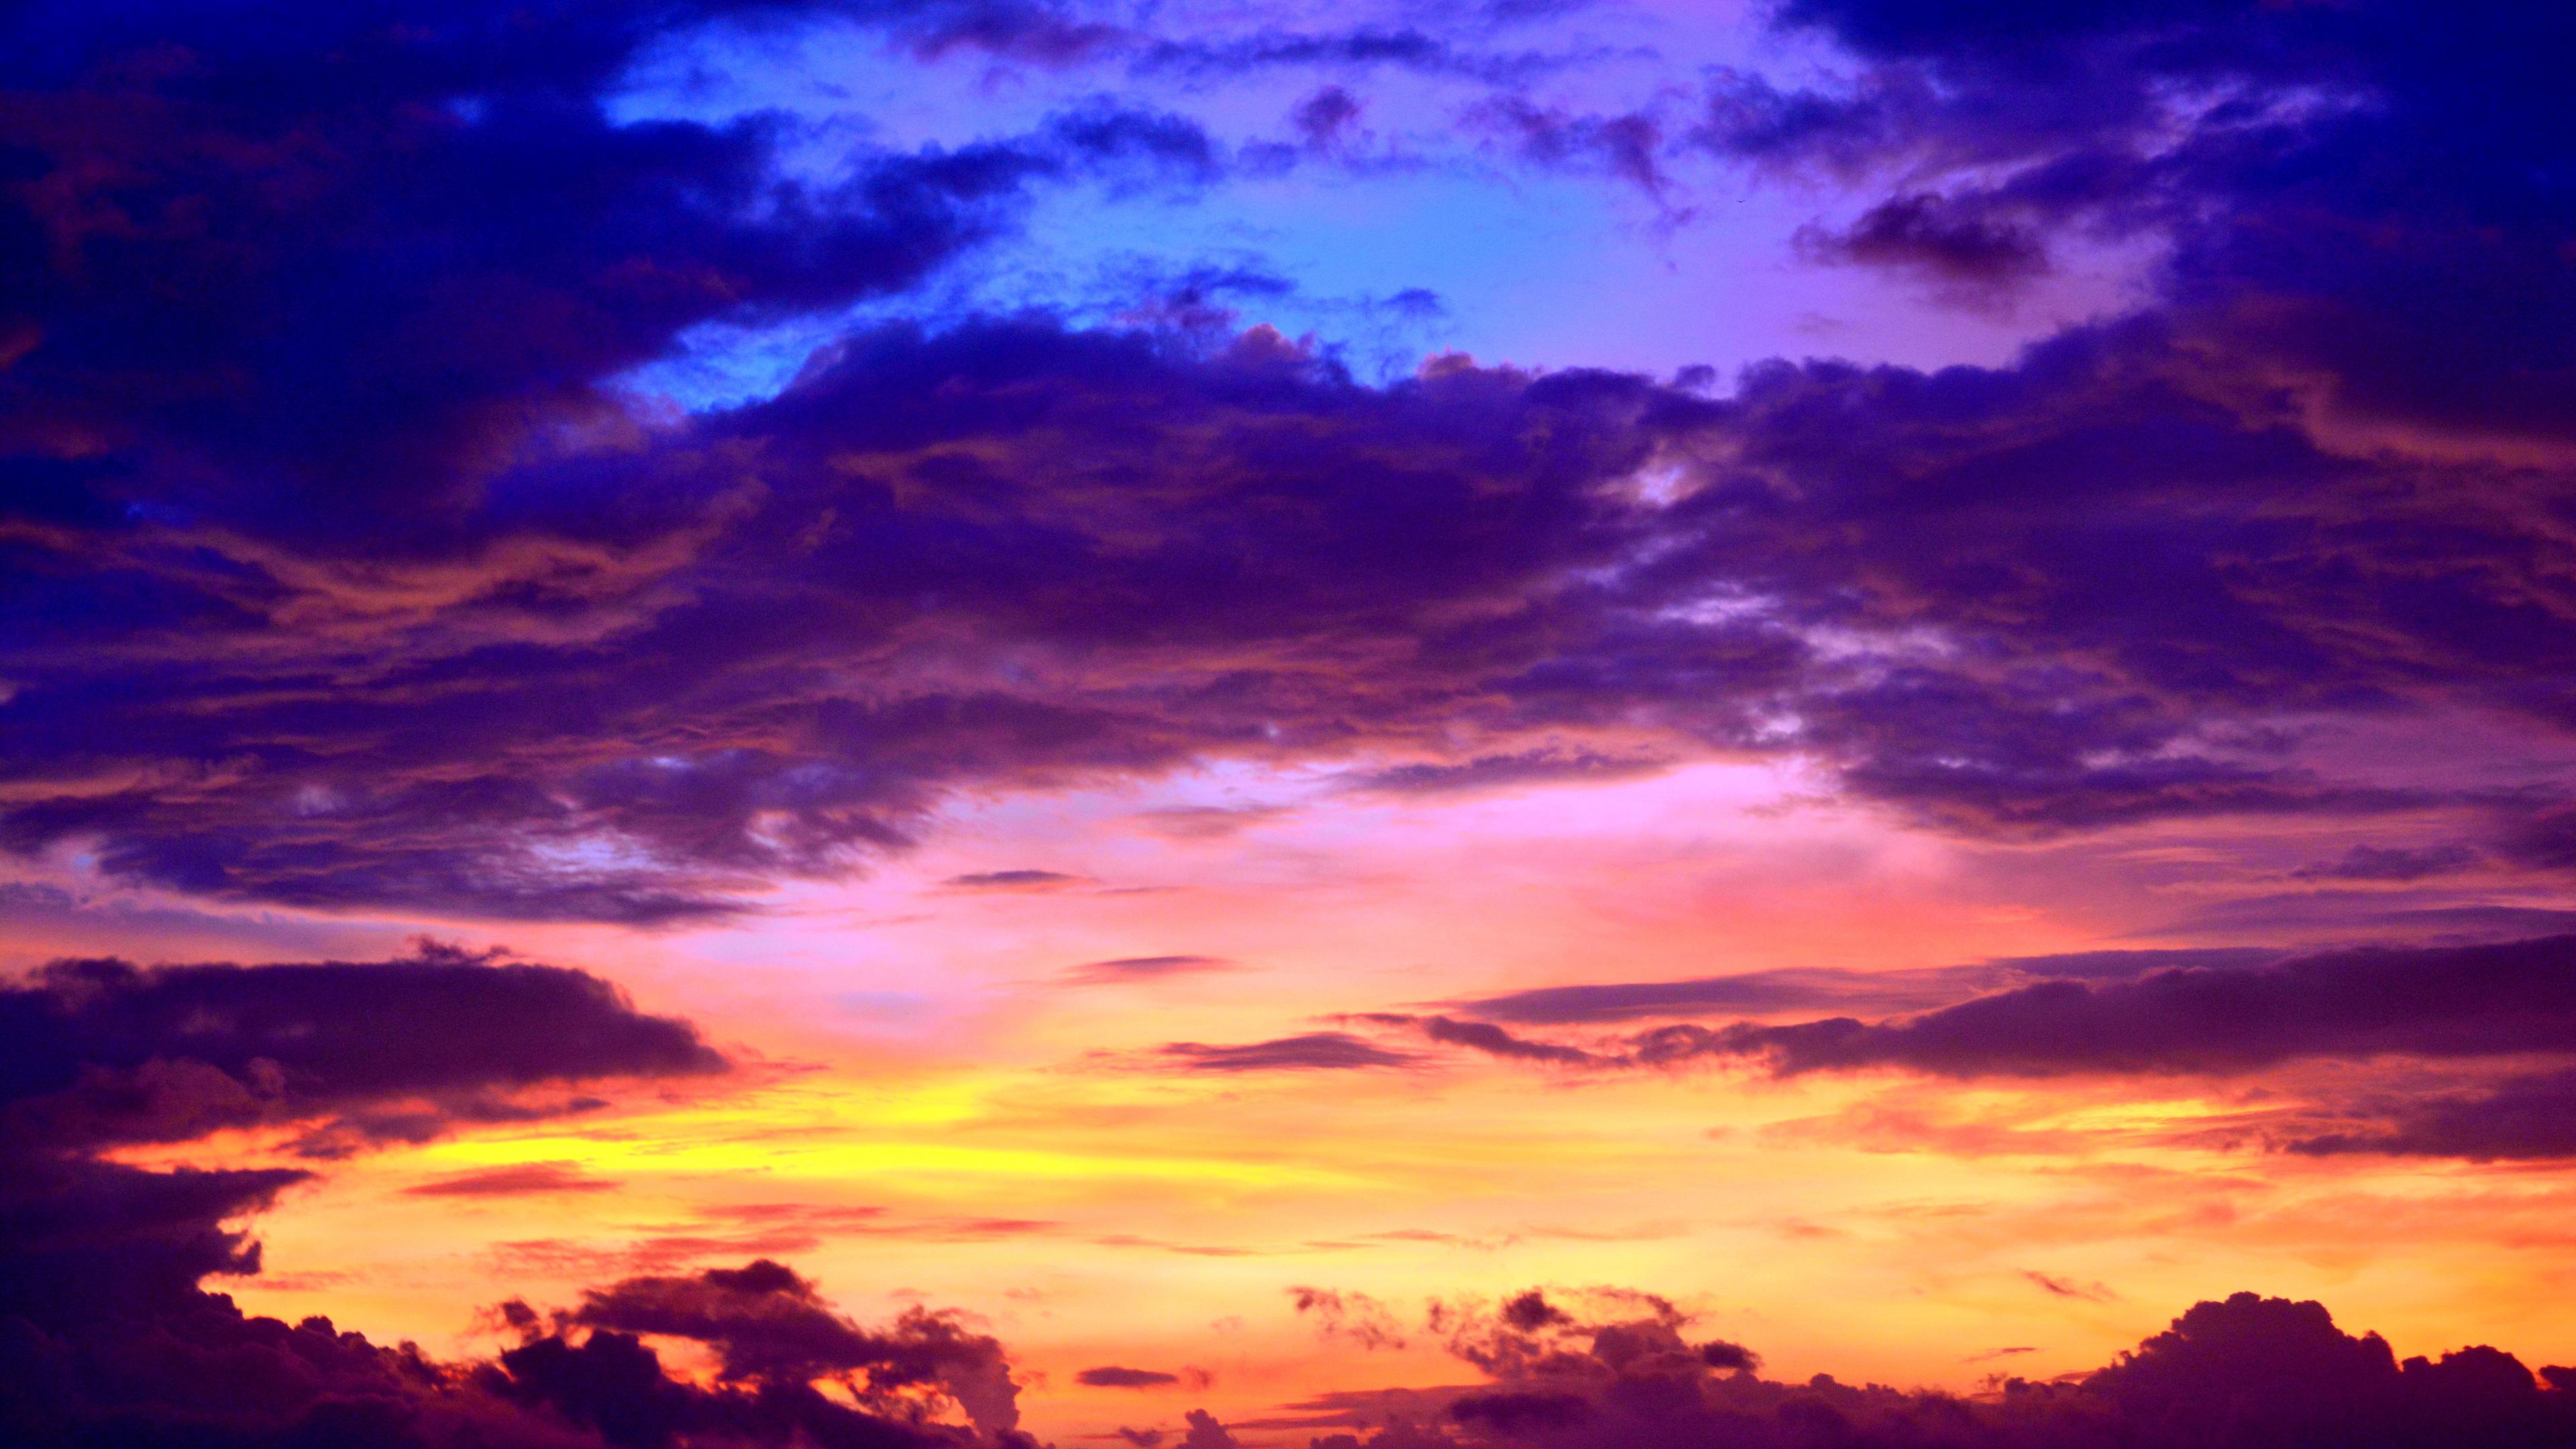 cumulus clouds evening silhouette 1540136555 - Cumulus Clouds Evening Silhouette - silhouette wallpapers, nature wallpapers, hd-wallpapers, evening wallpapers, clouds wallpapers, 5k wallpapers, 4k-wallpapers